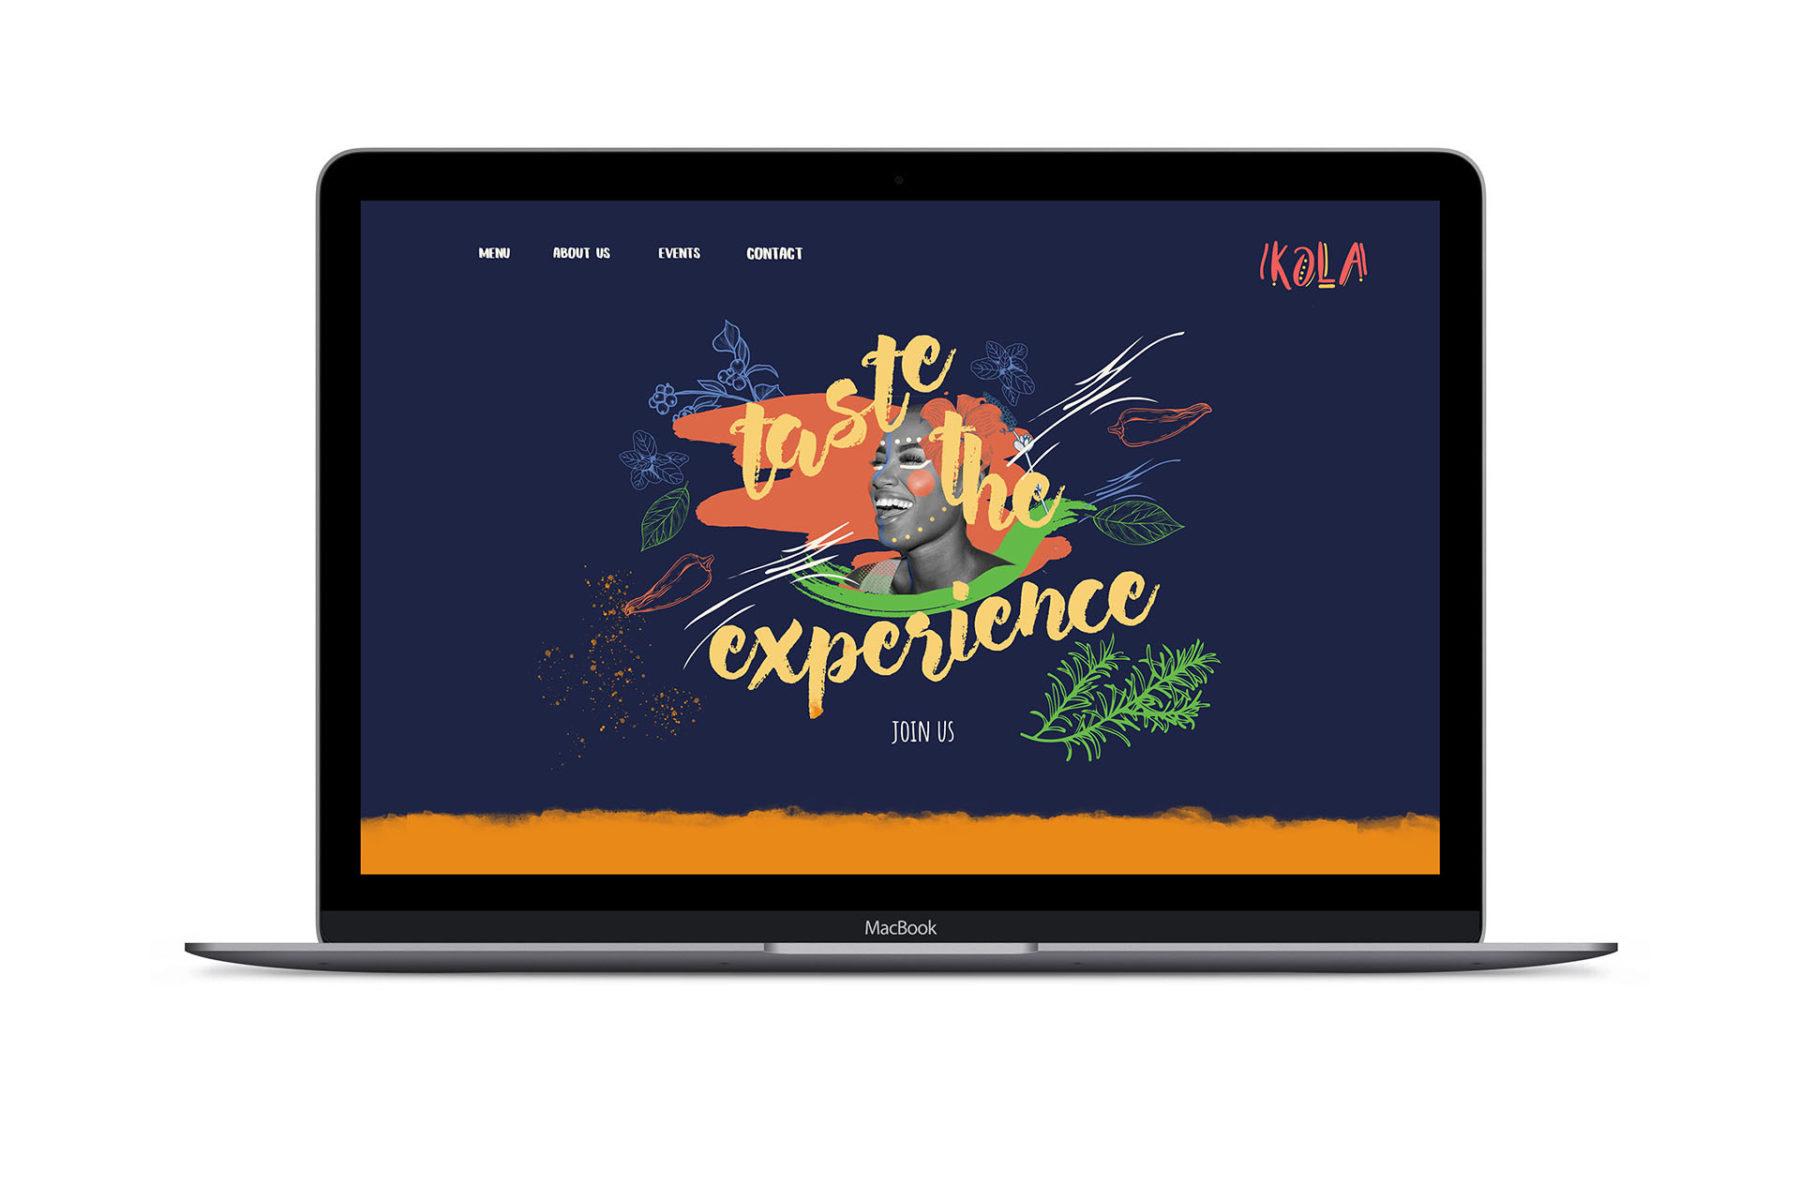 Kola Restaurant Re-Branding